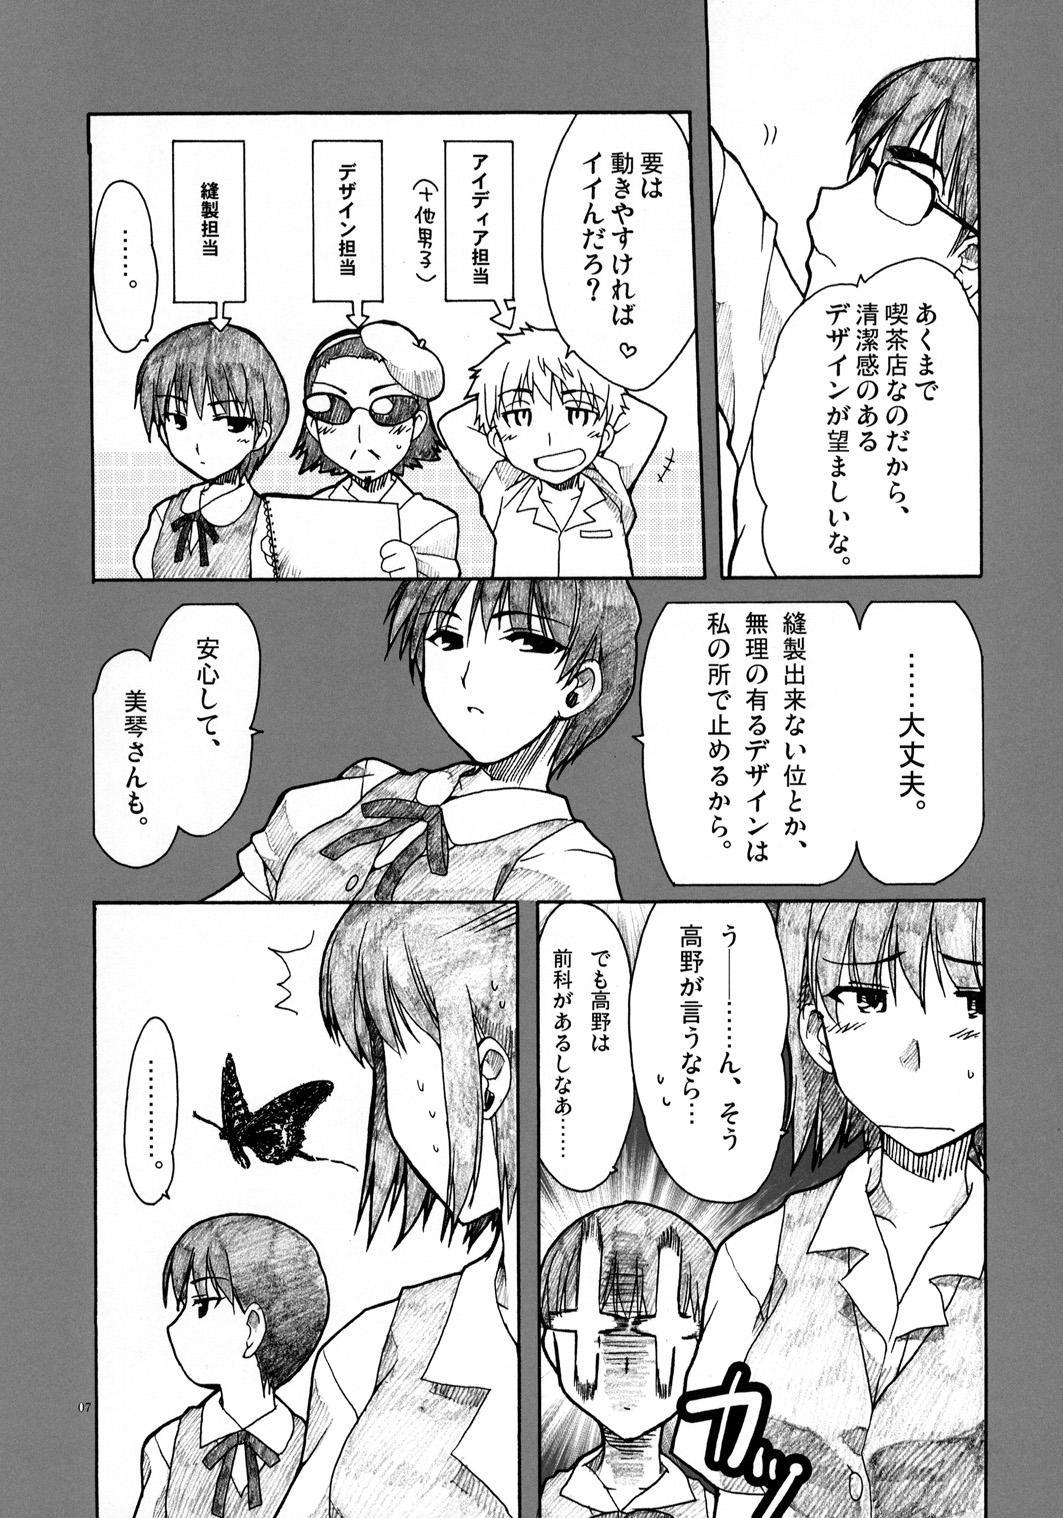 Zenyasai 5